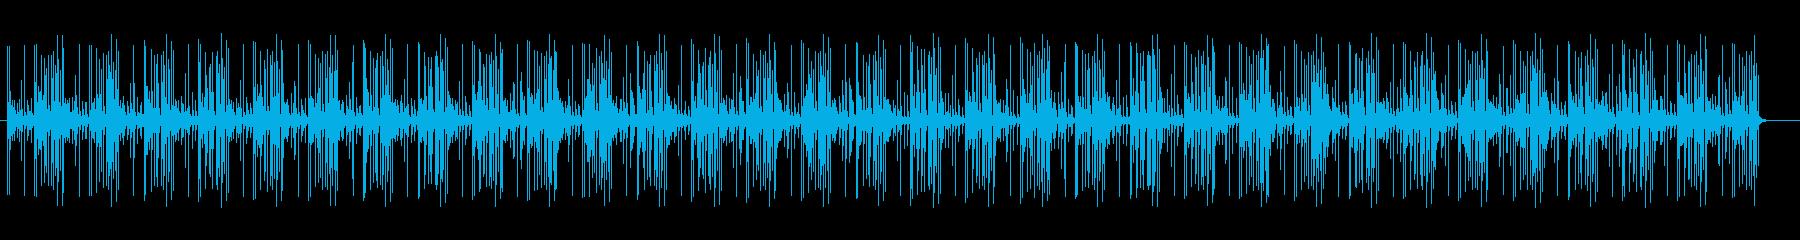 シンプルで幻想的なスピリチュアルサウンドの再生済みの波形